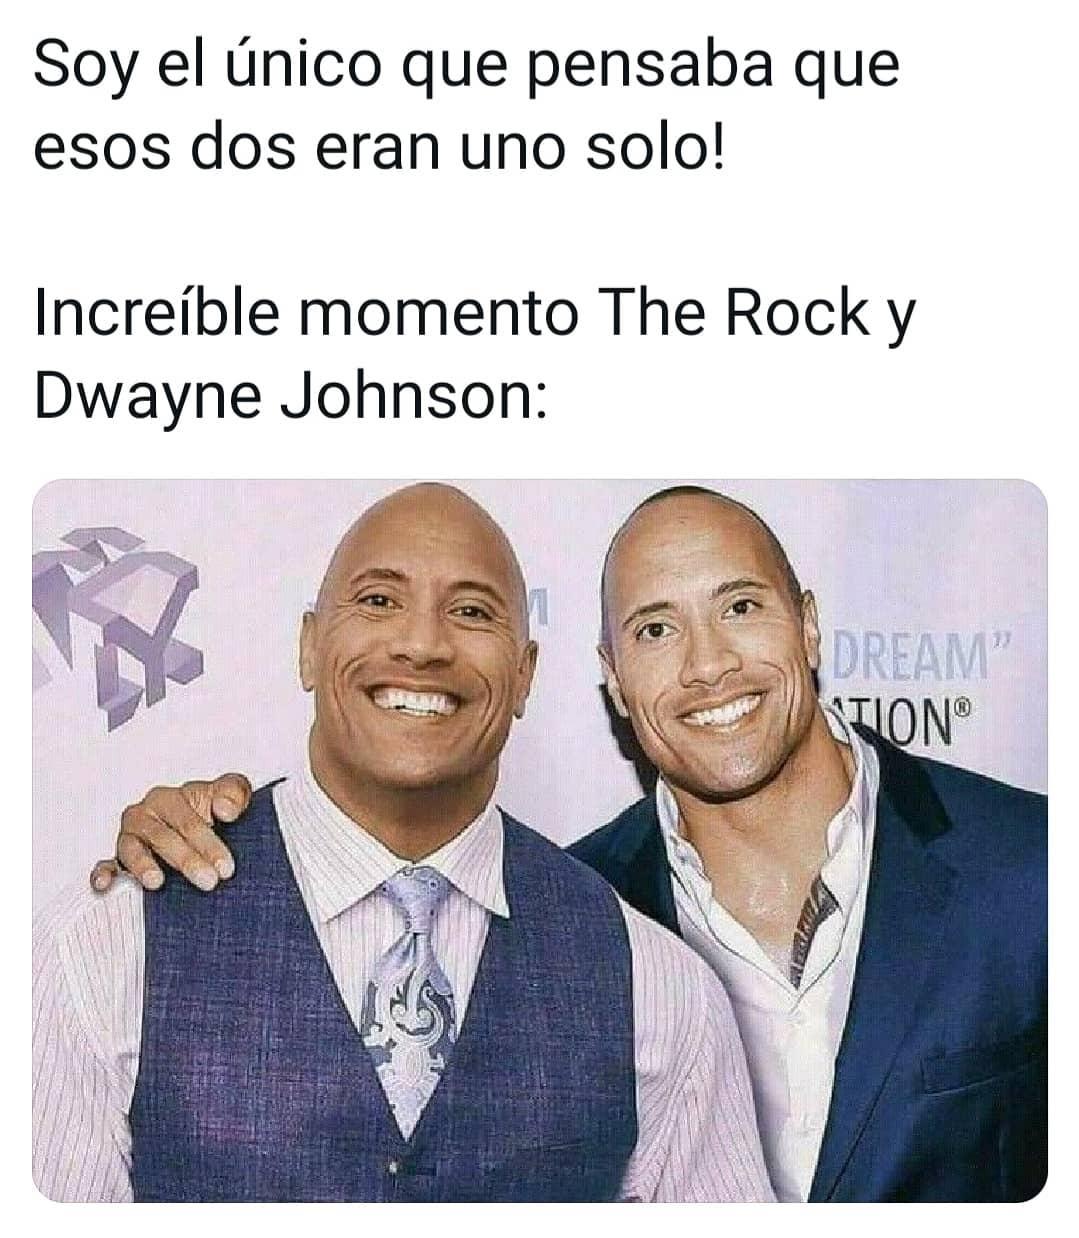 Soy el único que pensaba que esos dos eran uno solo! Increíble momento The Rock y Dwayne Johnson: